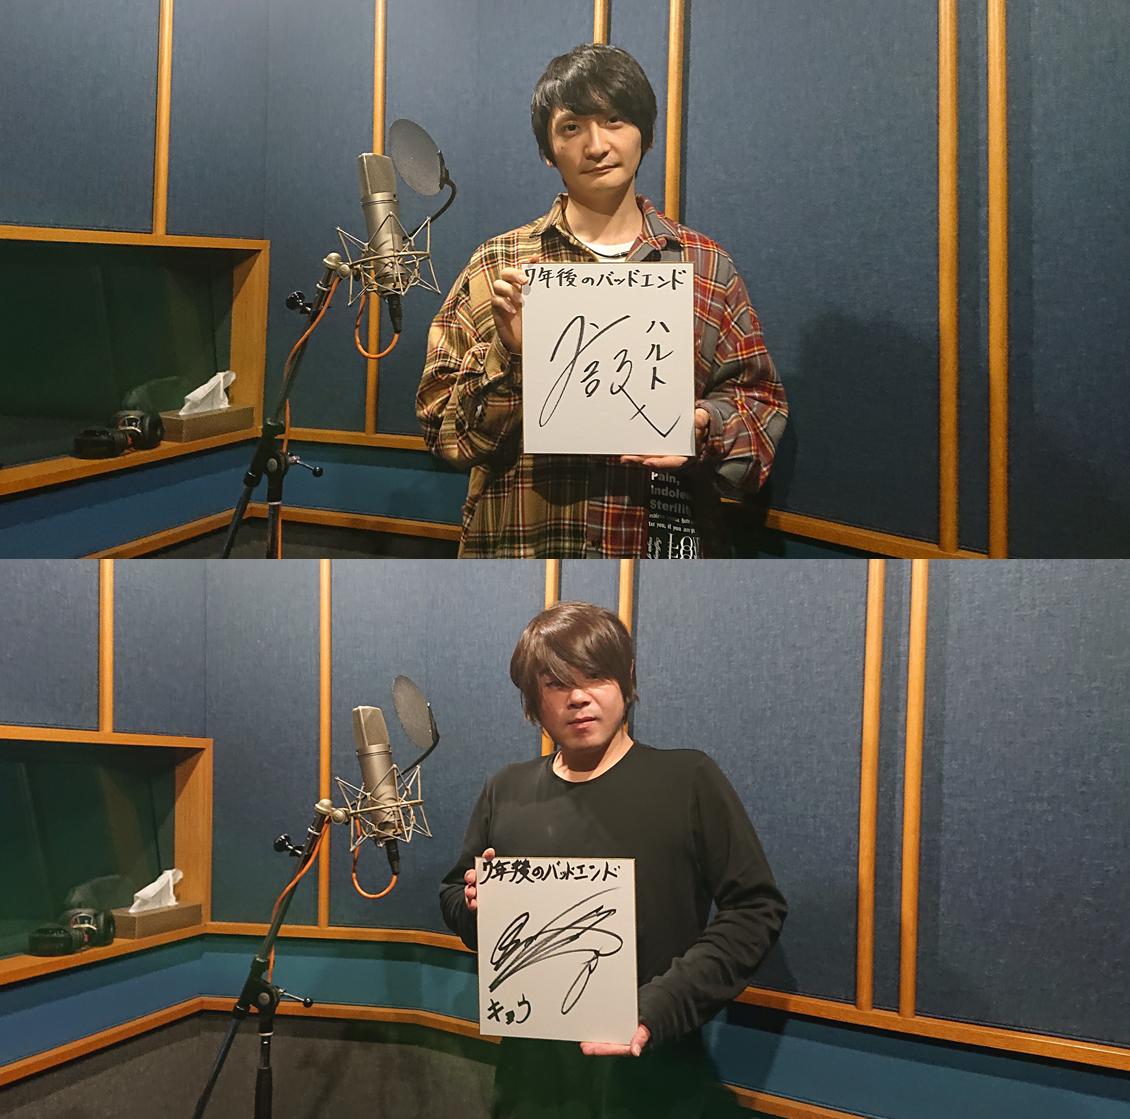 島﨑信長、松岡禎丞出演!『7年後のバッドエンド』衝撃ダイジェストPV公開! キャストコメントも到着!